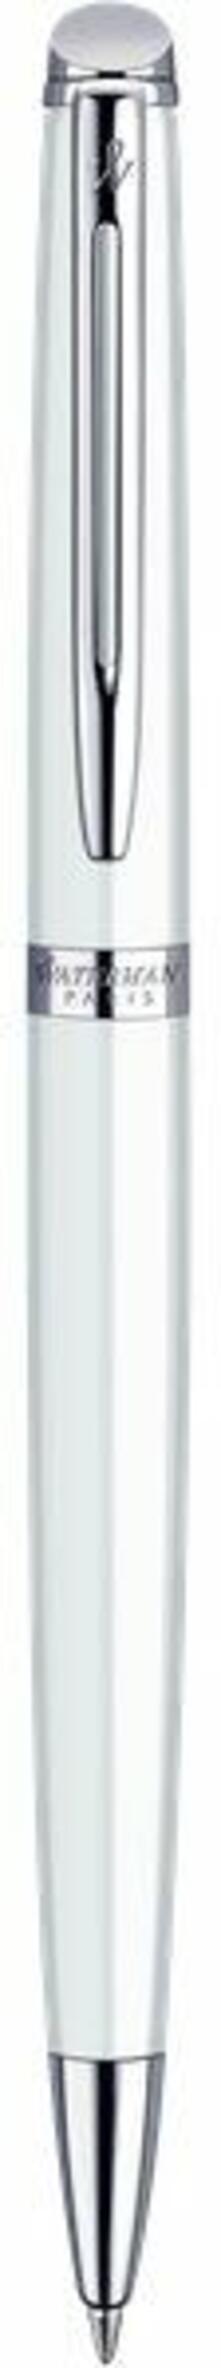 Penna a sfera Waterman Hemisphere Essential White blu a rotazione